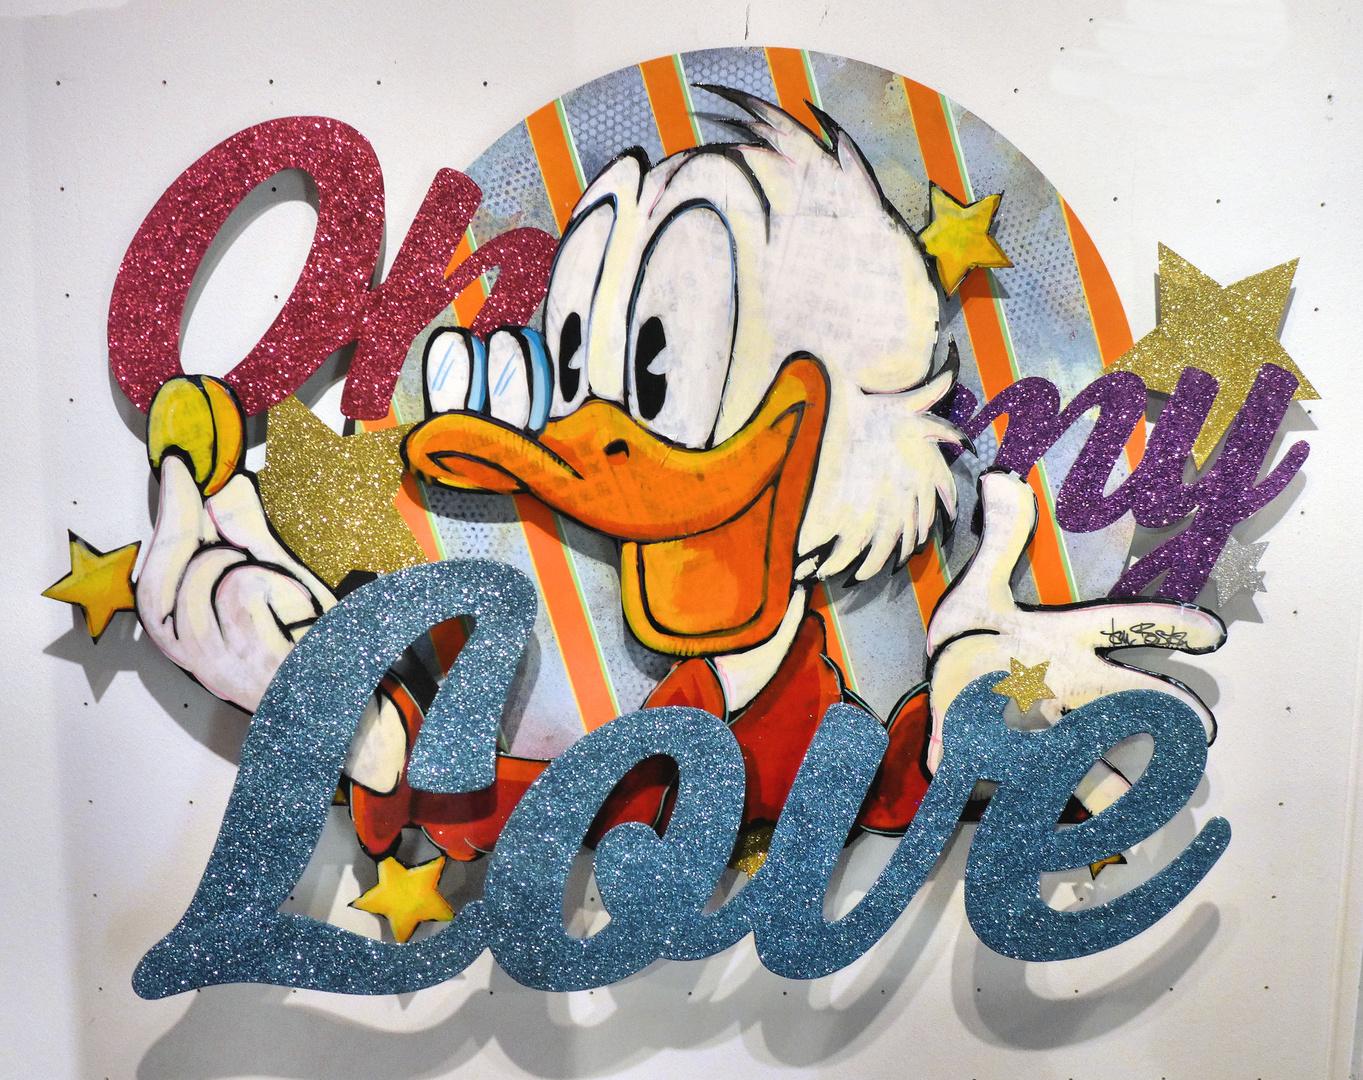 Liebeserklärung an Donald Duck